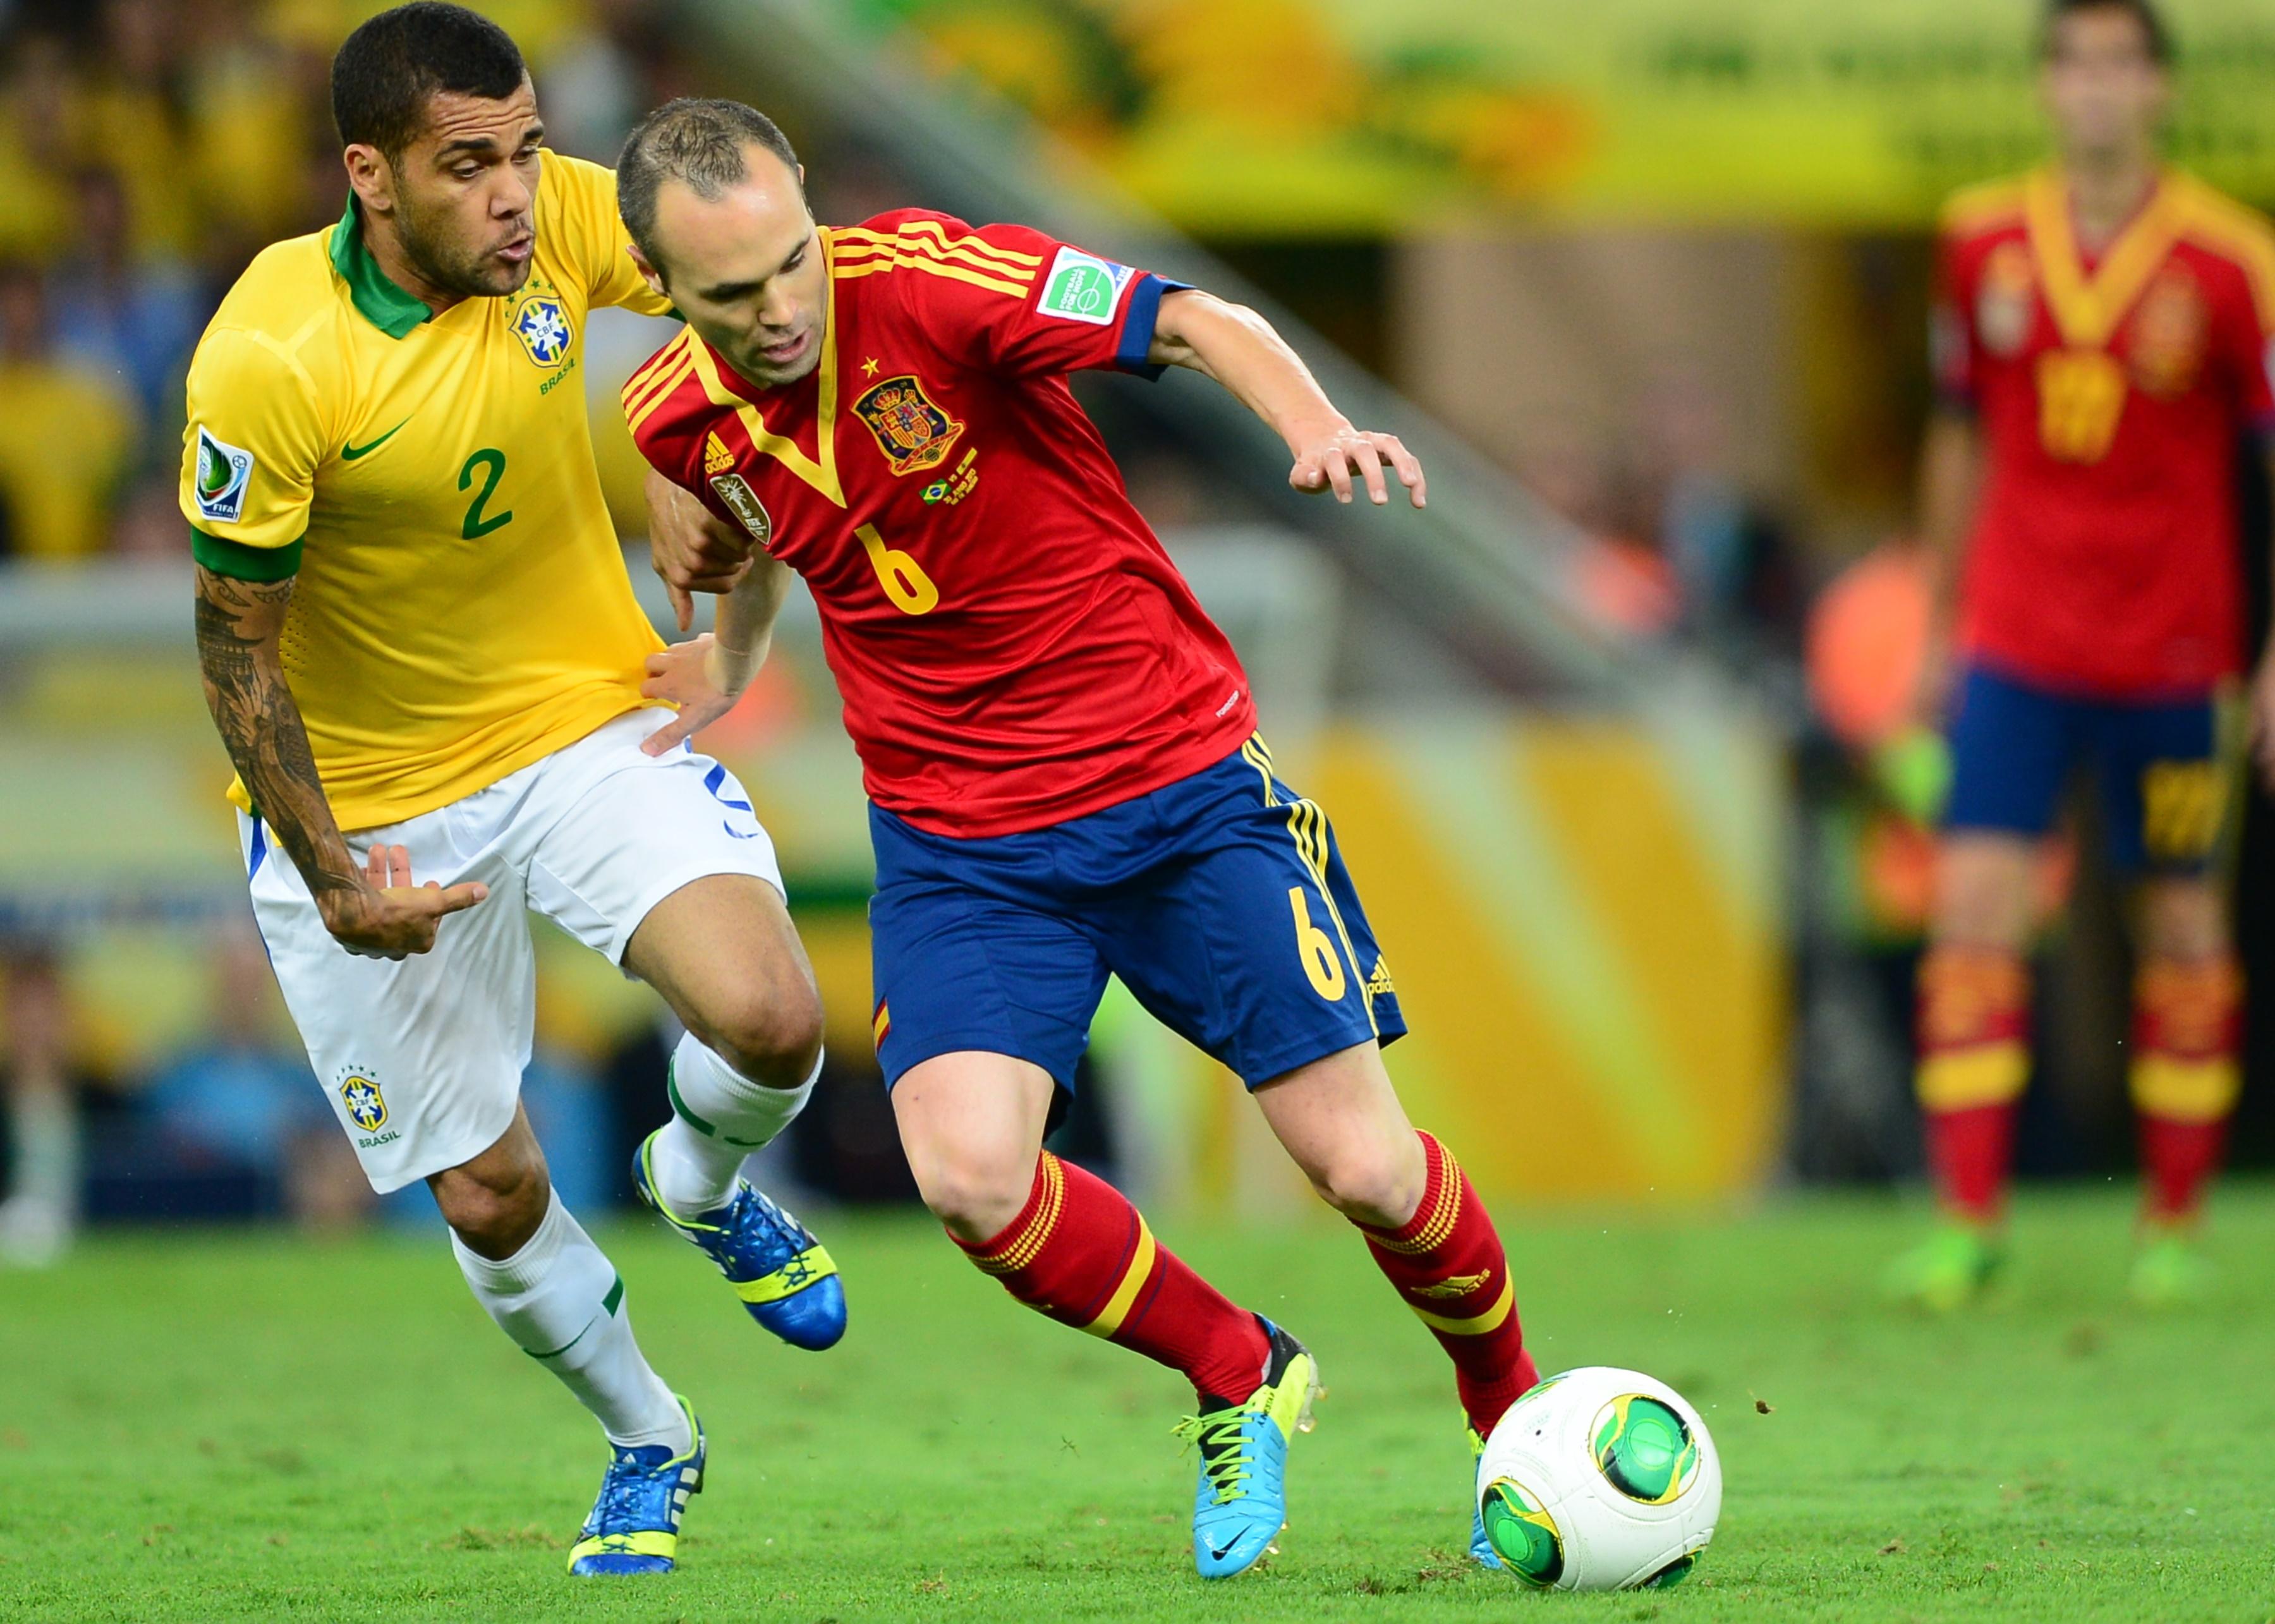 España perdió una racha de 29 encuentros sin conocer la derrota